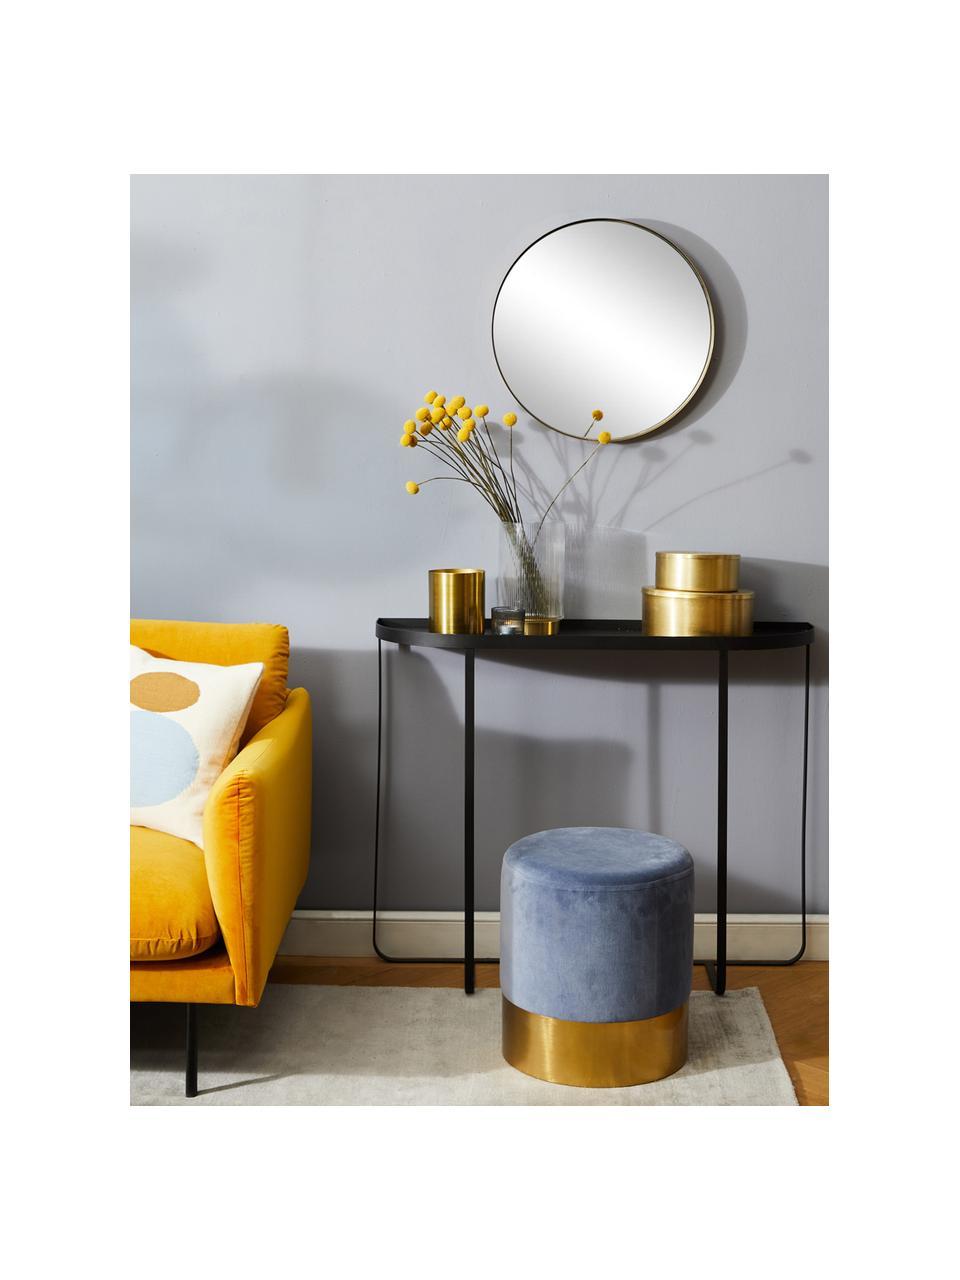 Runder Wandspiegel Ada mit Goldrahmen, Rahmen: Eisen, vermessingt, Spiegelfläche: Spiegelglas, Messing, gebürstet, Ø 60 cm